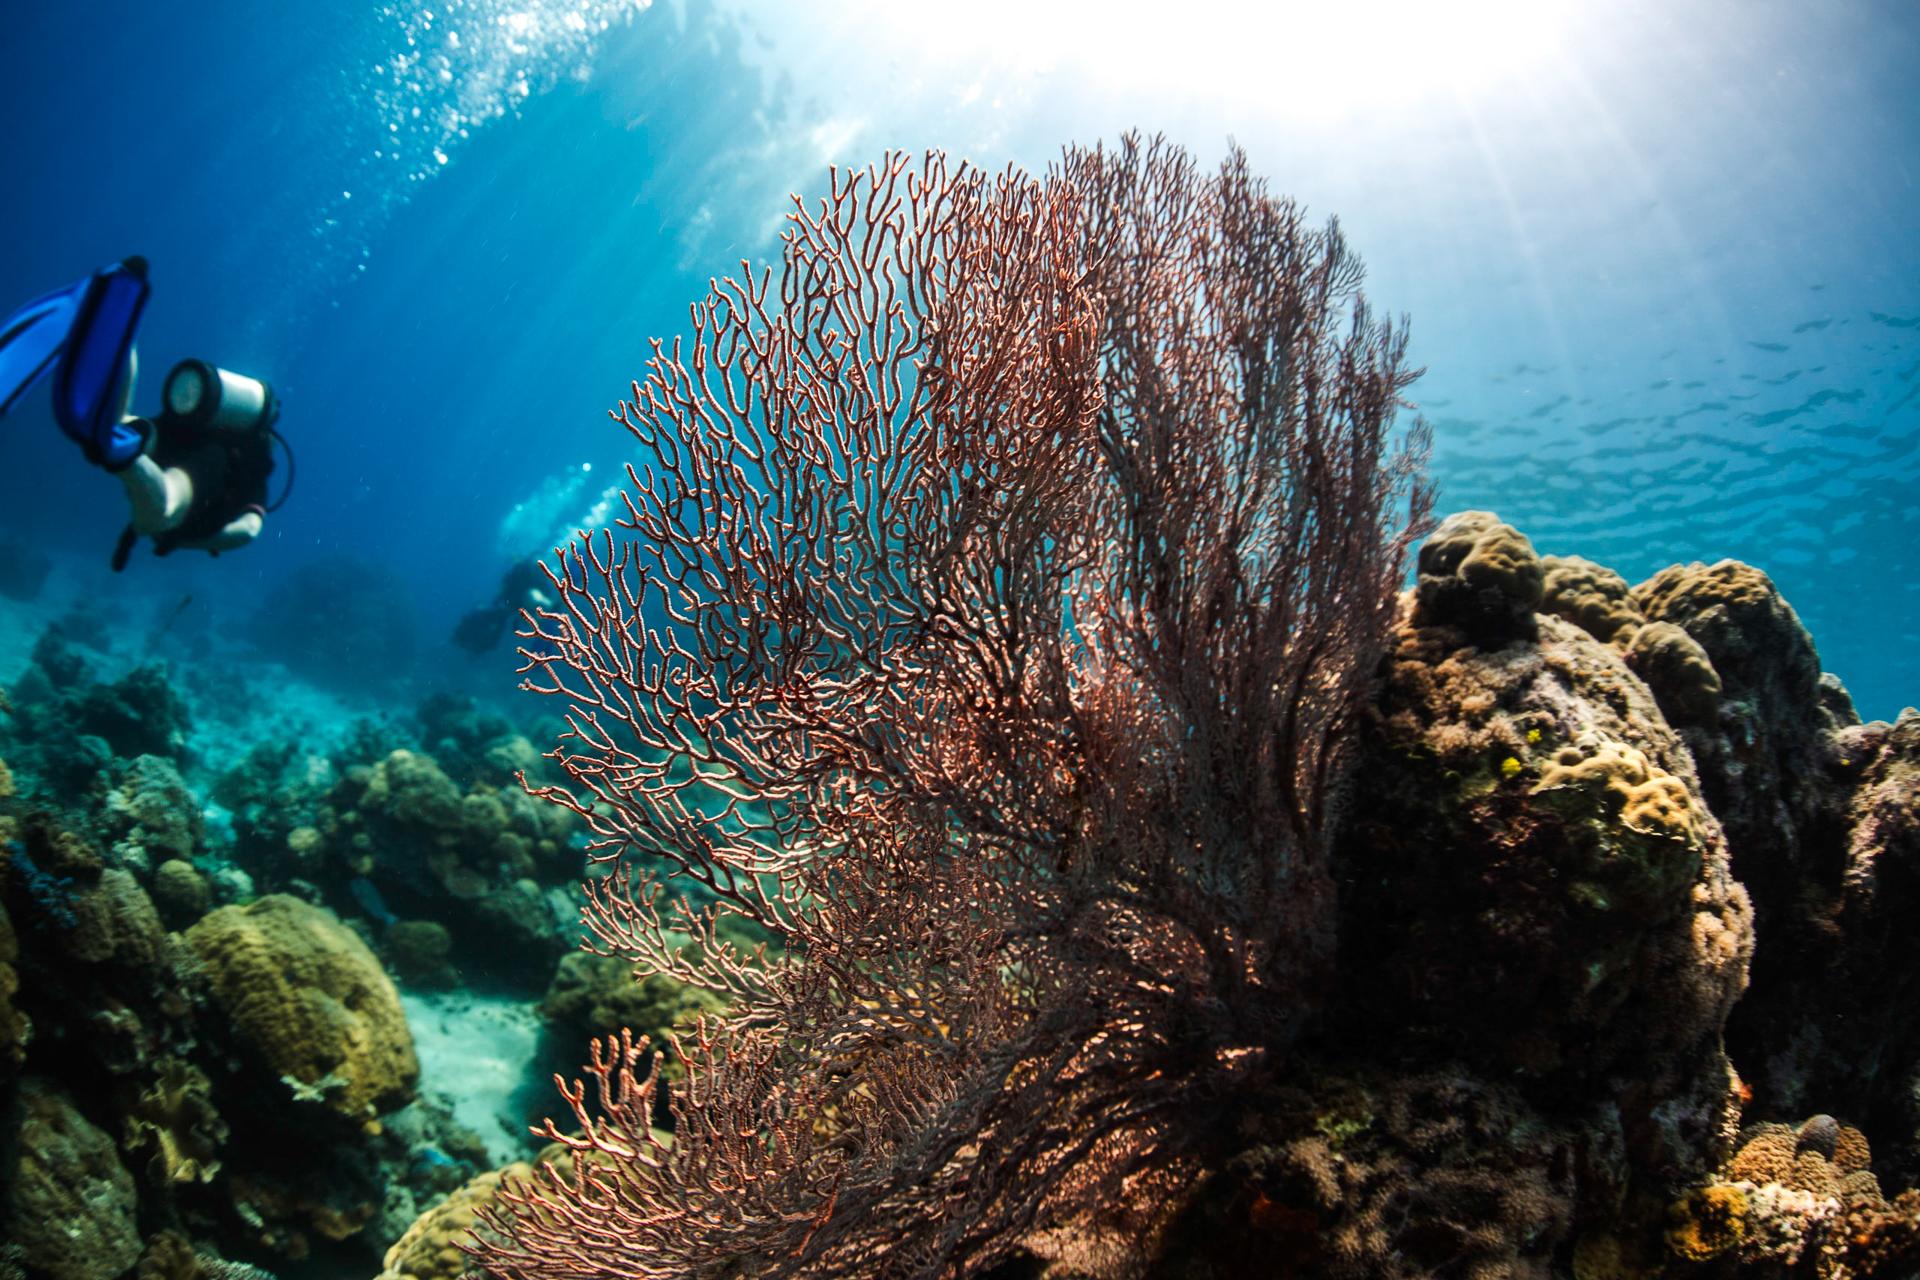 Bild: Korallen während eines Tauchgangs am Great Barrier Reef Australien